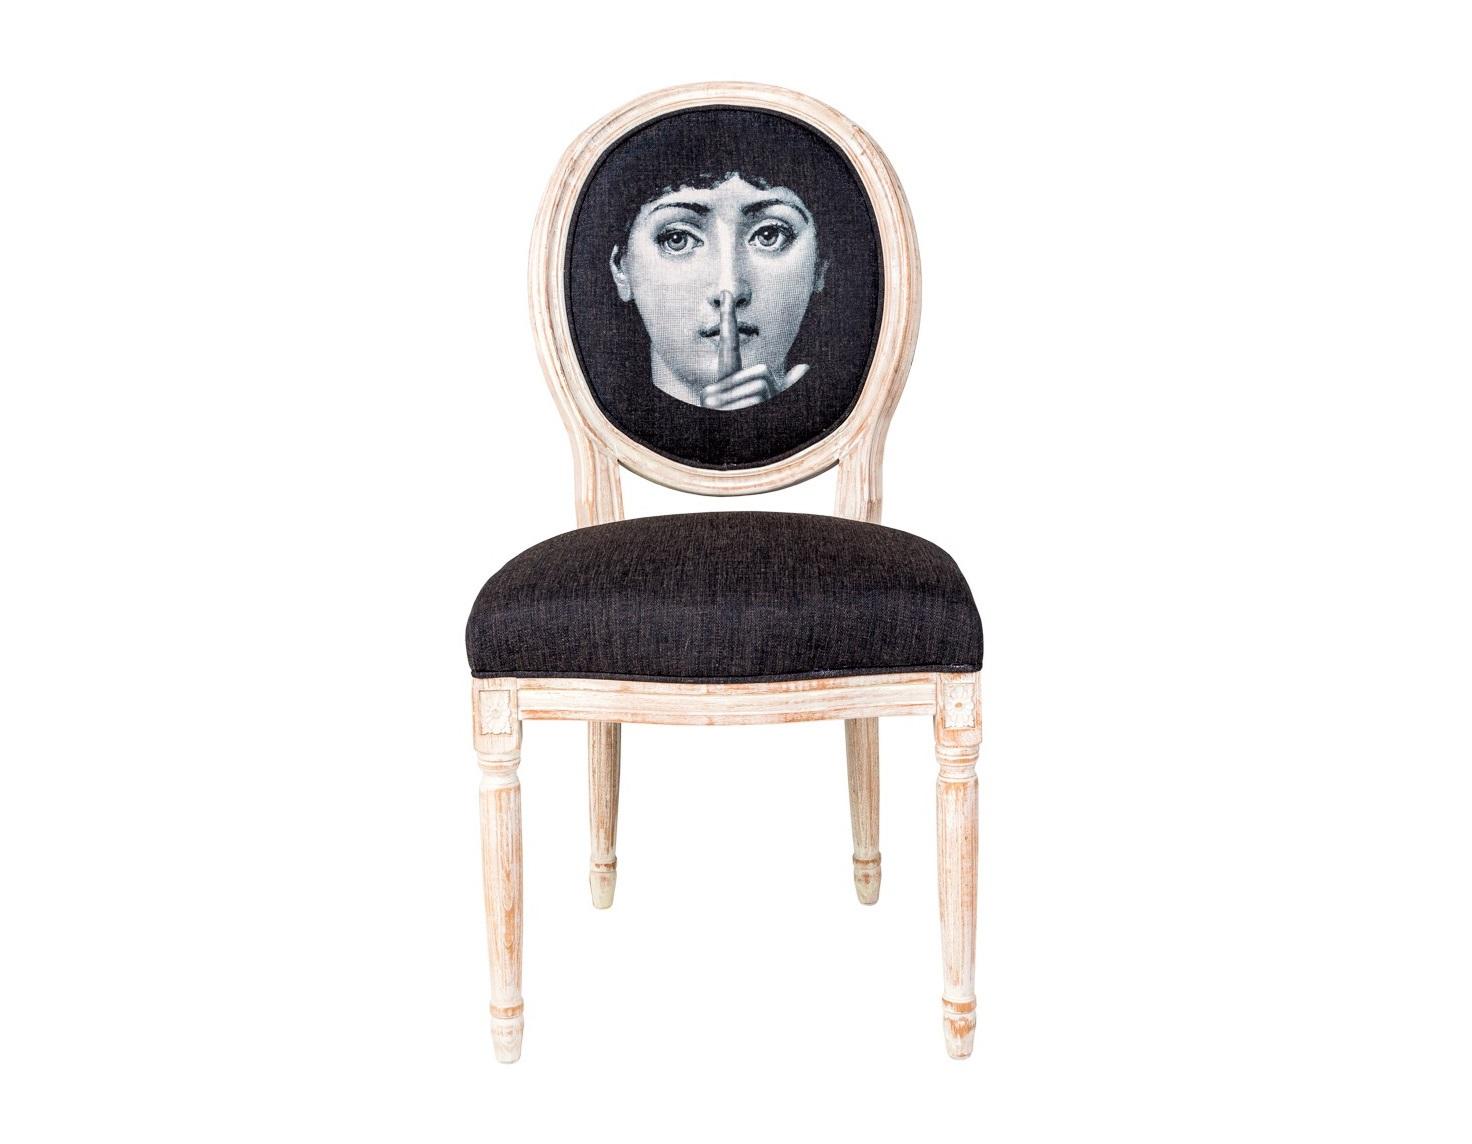 Стул Лина, версия СекретОбеденные стулья<br>Стул &amp;quot;Лина, версия Секрет&amp;quot; - торжество интерьерной эклектики, объединившей резной дворцовый корпус с рисунком современного поп-арта. Смелые контрастные сочетания - привилегия интерьеров, выбирающих рафинированный стиль и решительную индивидуальность. Мебель из натурального бука прочна и долговечна, экологична и комфортабельна. Прочность и долговечность сиденья обеспечены подвеской из эластичных ремней. Обивка оснащена тефлоновым покрытием против пятен.&amp;lt;div&amp;gt;&amp;lt;br&amp;gt;&amp;lt;/div&amp;gt;&amp;lt;div&amp;gt;Ножки и корпус - бук&amp;lt;/div&amp;gt;&amp;lt;div&amp;gt;Обивка - 20% лен, 80% полиэстер с тефлоновым покрытием против пятен&amp;lt;br&amp;gt;&amp;lt;/div&amp;gt;&amp;lt;div&amp;gt;&amp;lt;br&amp;gt;&amp;lt;/div&amp;gt;&amp;lt;div&amp;gt;&amp;lt;br&amp;gt;&amp;lt;/div&amp;gt;&amp;lt;div&amp;gt;&amp;lt;iframe width=&amp;quot;530&amp;quot; height=&amp;quot;315&amp;quot; src=&amp;quot;https://www.youtube.com/embed/MqeeEoEbmPE&amp;quot; frameborder=&amp;quot;0&amp;quot; allowfullscreen=&amp;quot;&amp;quot;&amp;gt;&amp;lt;/iframe&amp;gt;&amp;lt;br&amp;gt;&amp;lt;/div&amp;gt;<br><br>Material: Бук<br>Width см: 62<br>Depth см: 50<br>Height см: 101